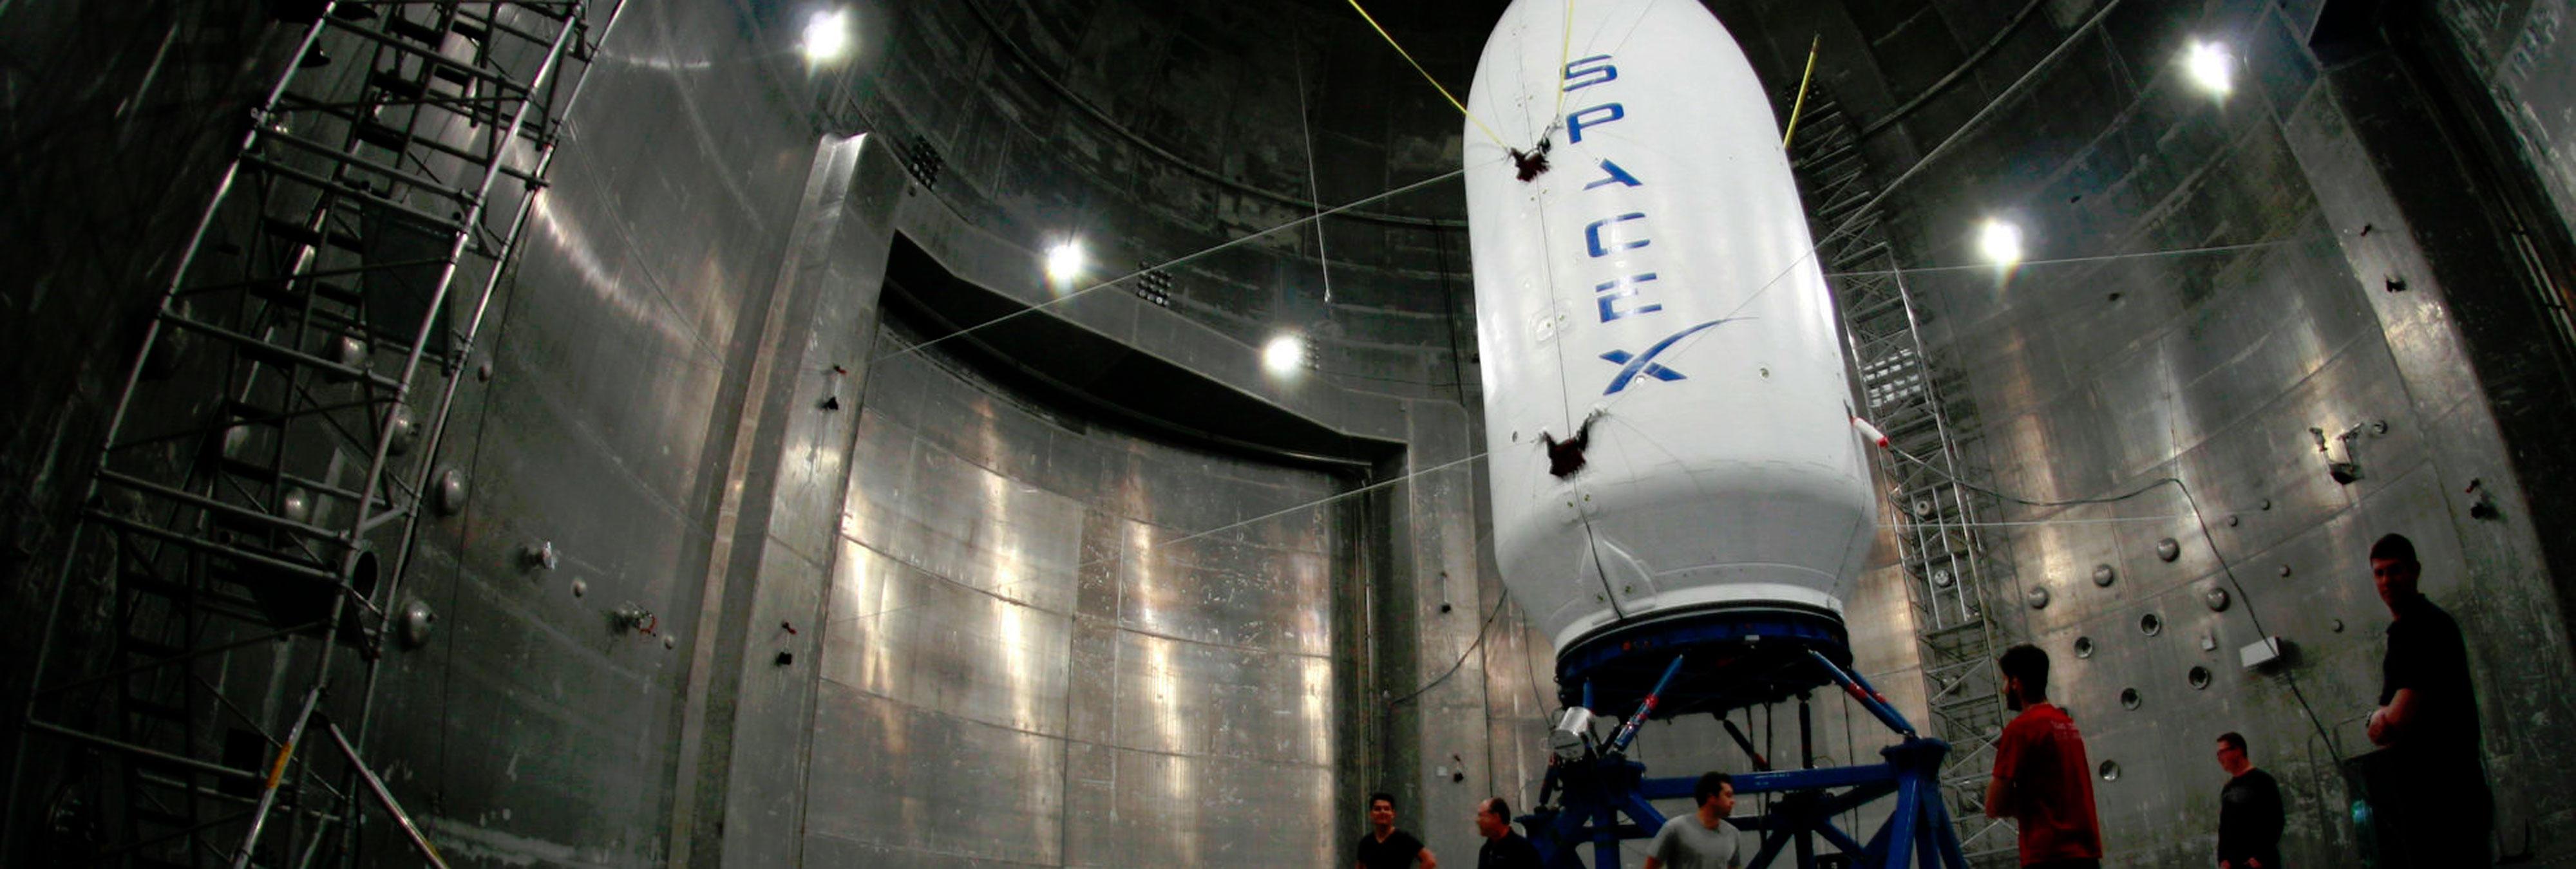 Los 10 inventos más disparatados que Elon Musk ha hecho y hará